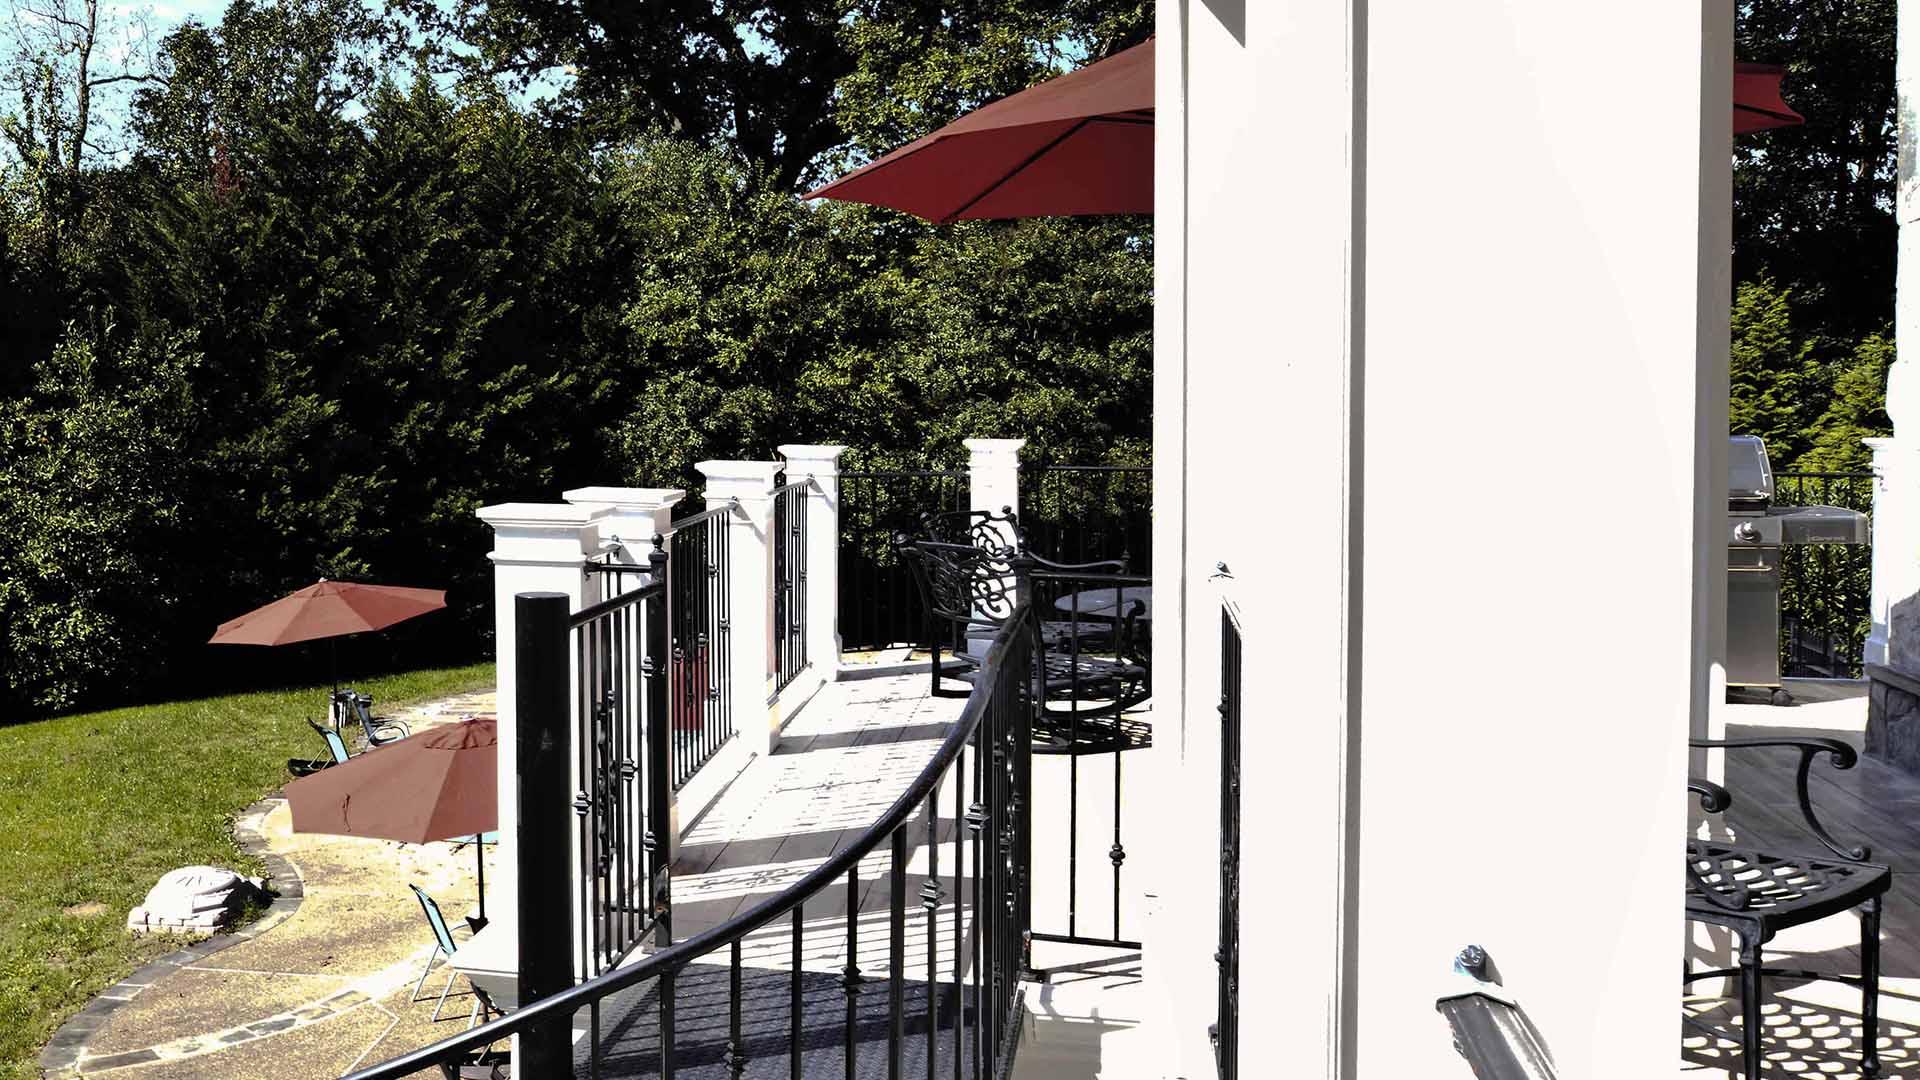 2018 NARI Capital CotY Merit Award Winner, Residential Exterior Over $200,000